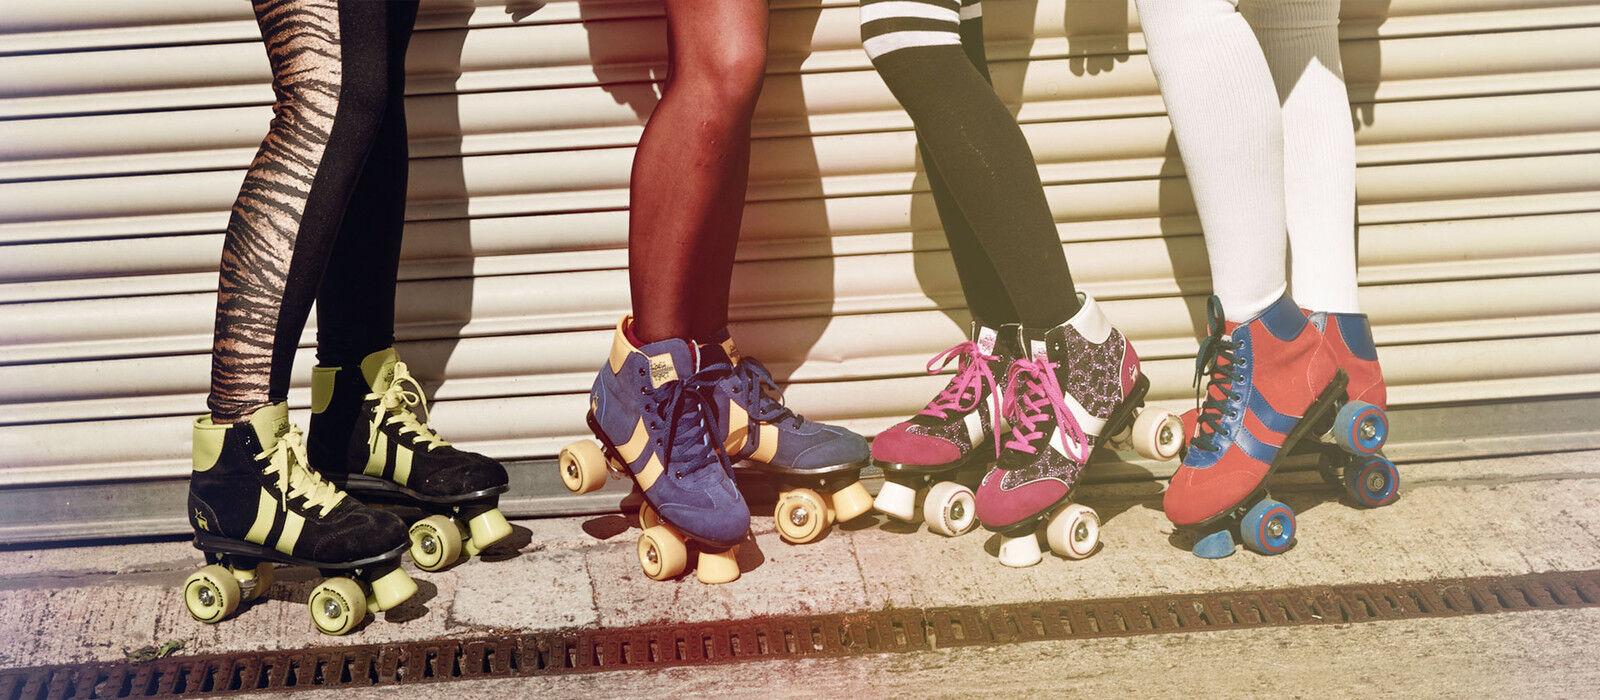 Momma Trucker Skates